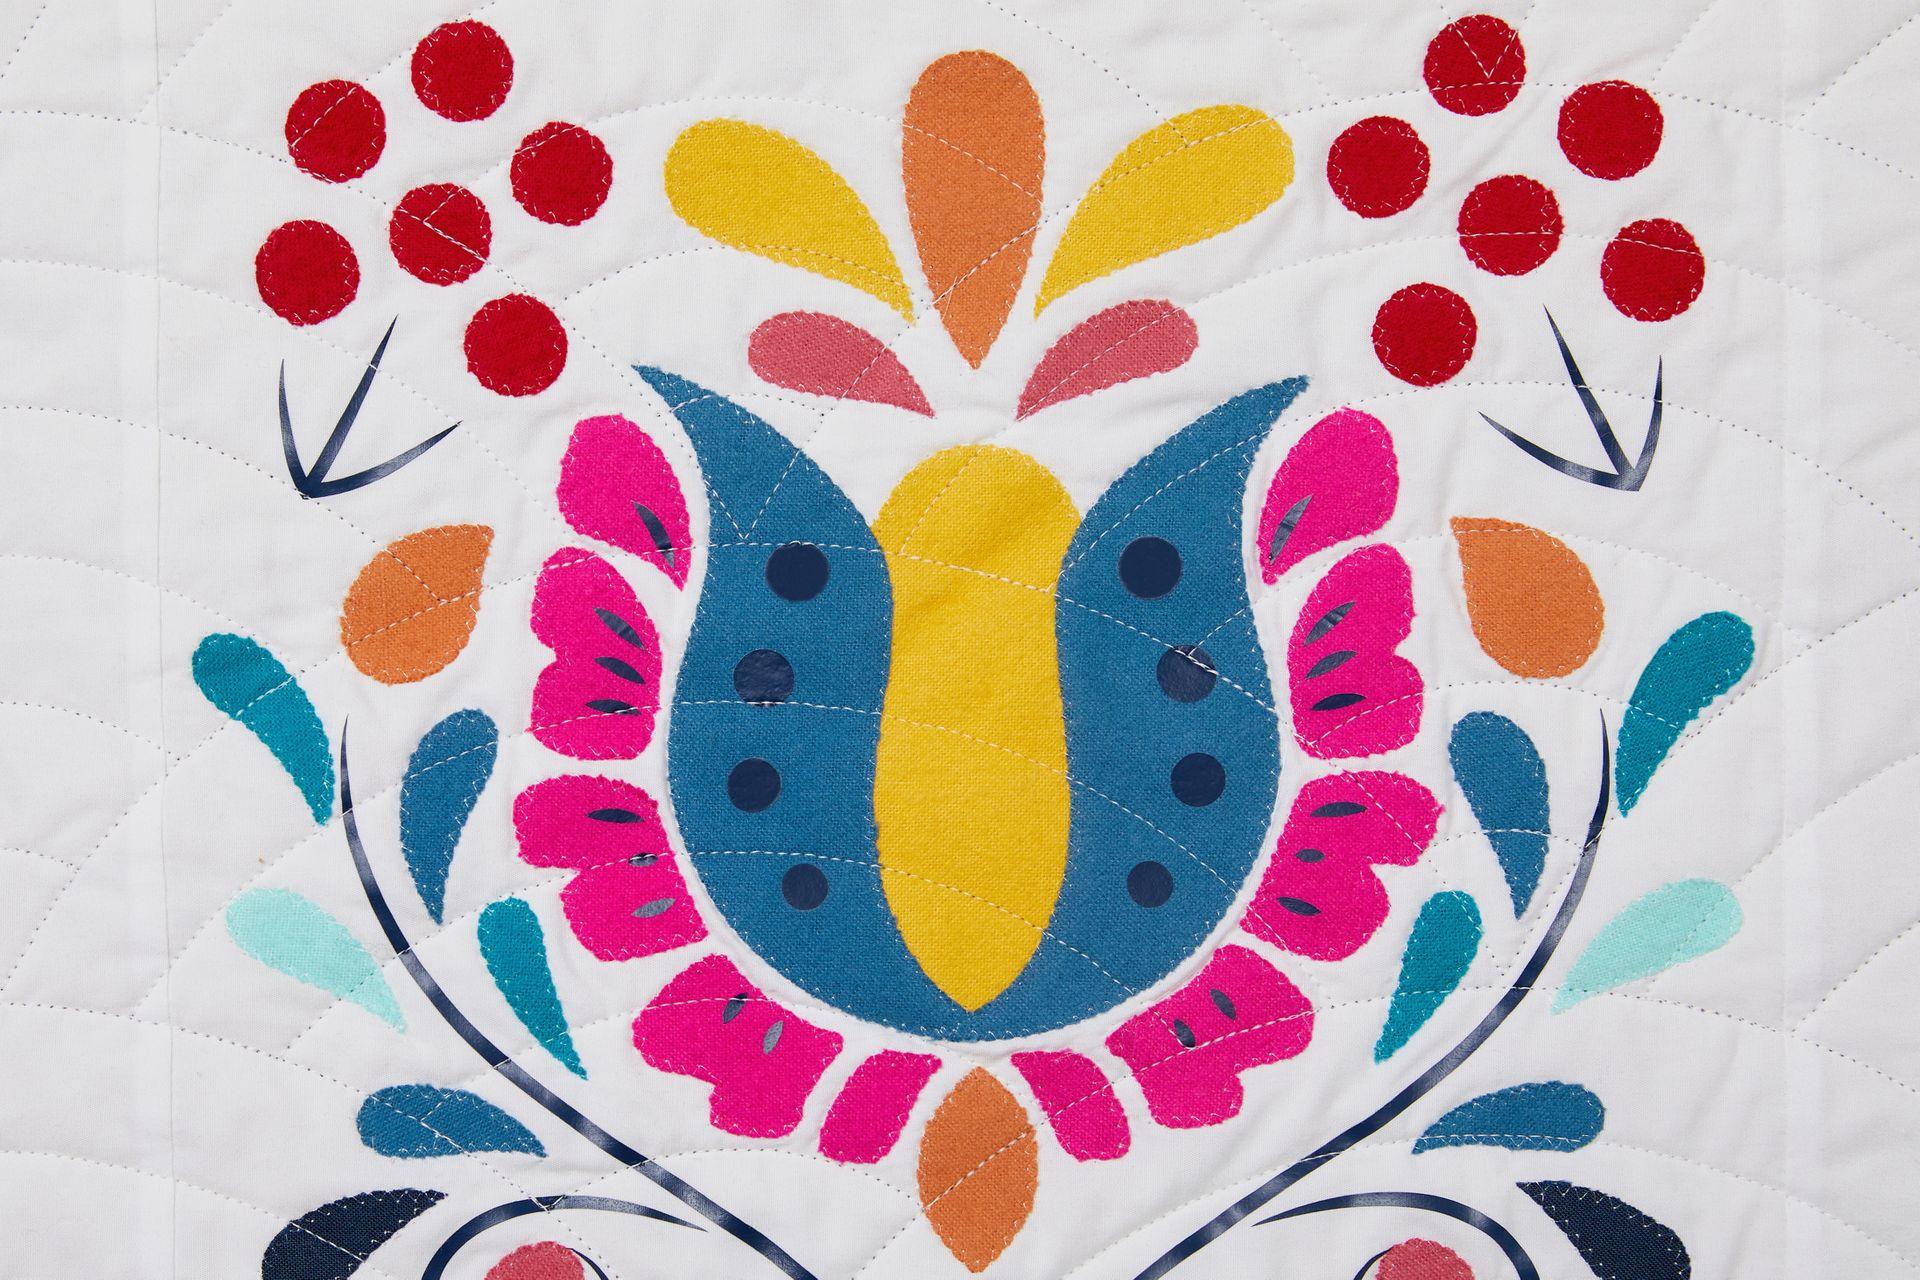 Czech quilt block inspired by Czech flower